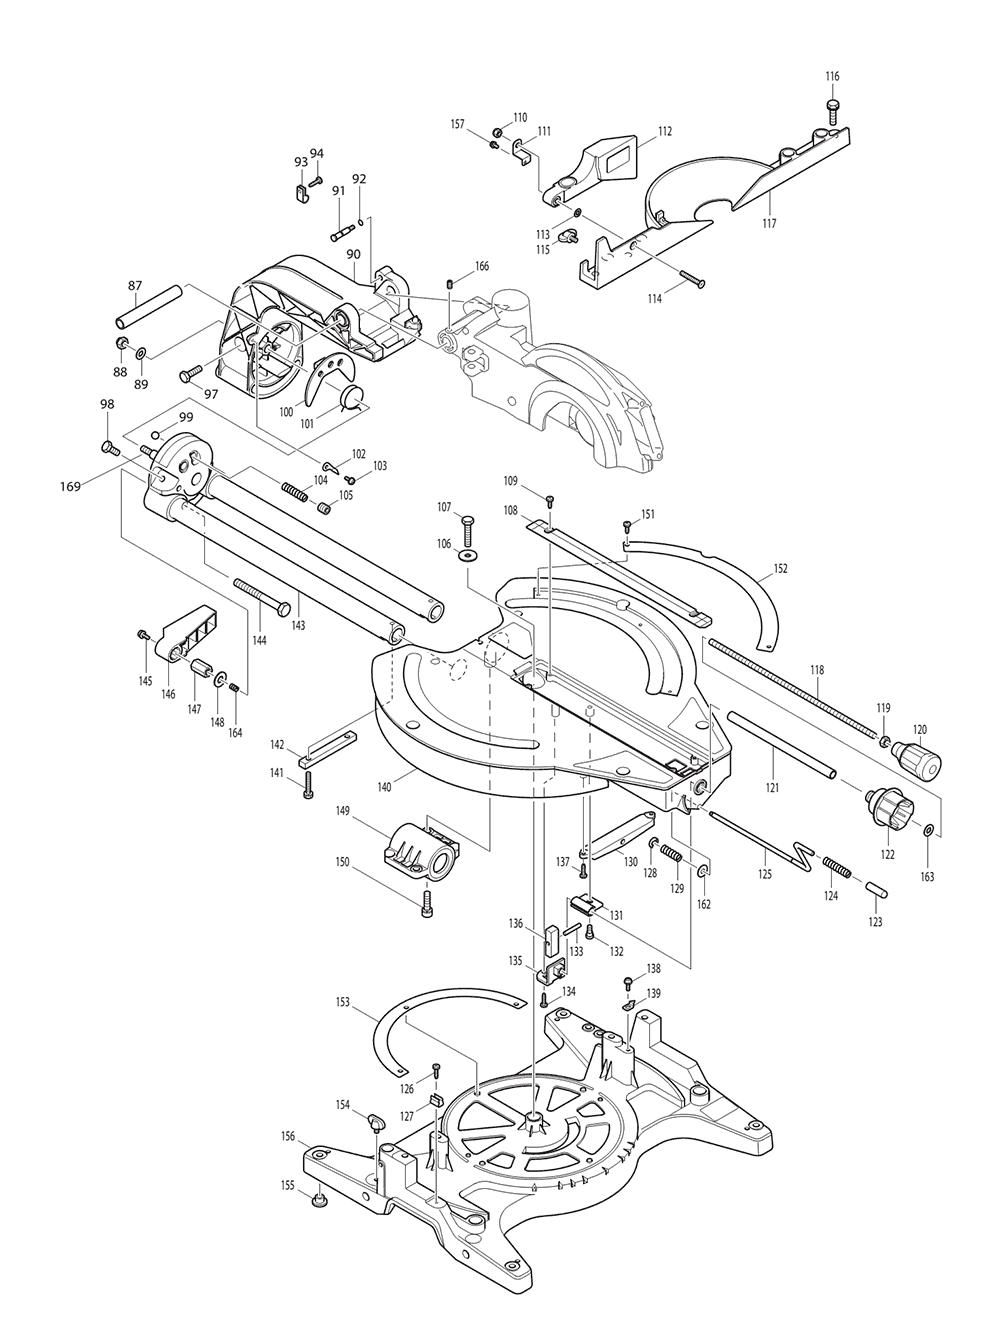 LS1013-T4-Makita-PB-1Break Down